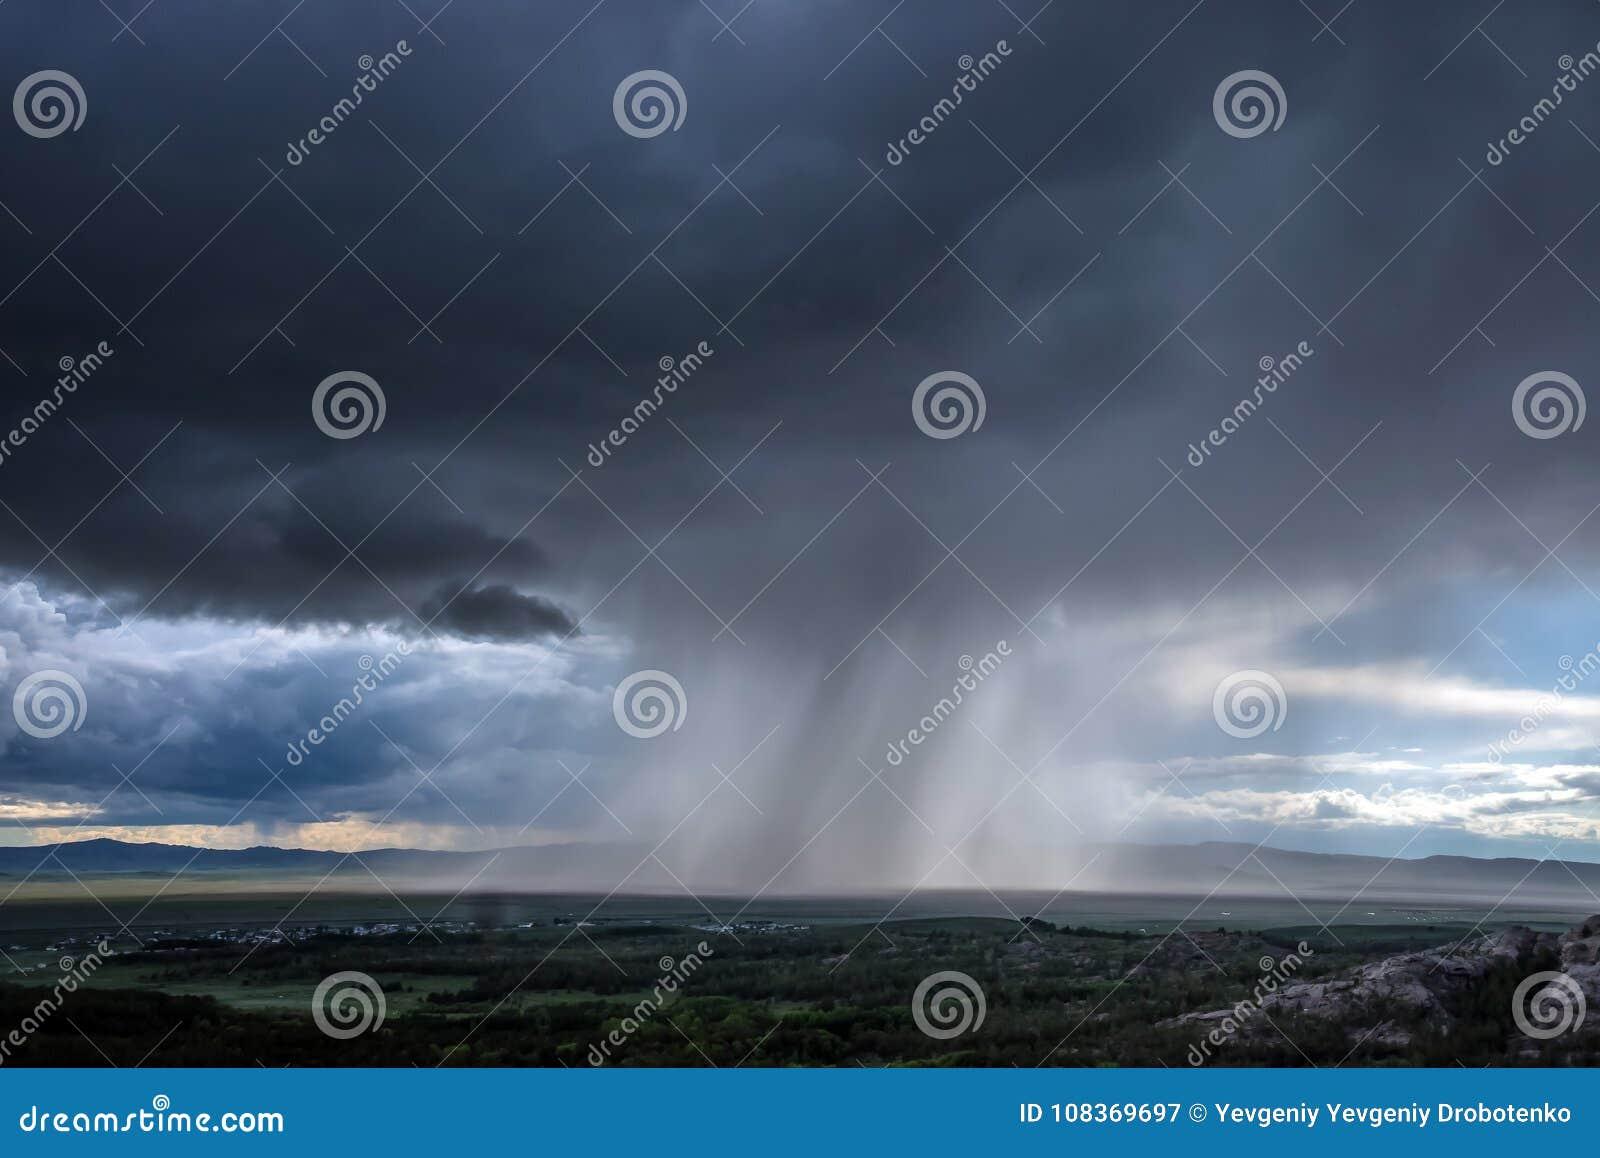 El huracán y la lluvia ha caído sobre la estepa